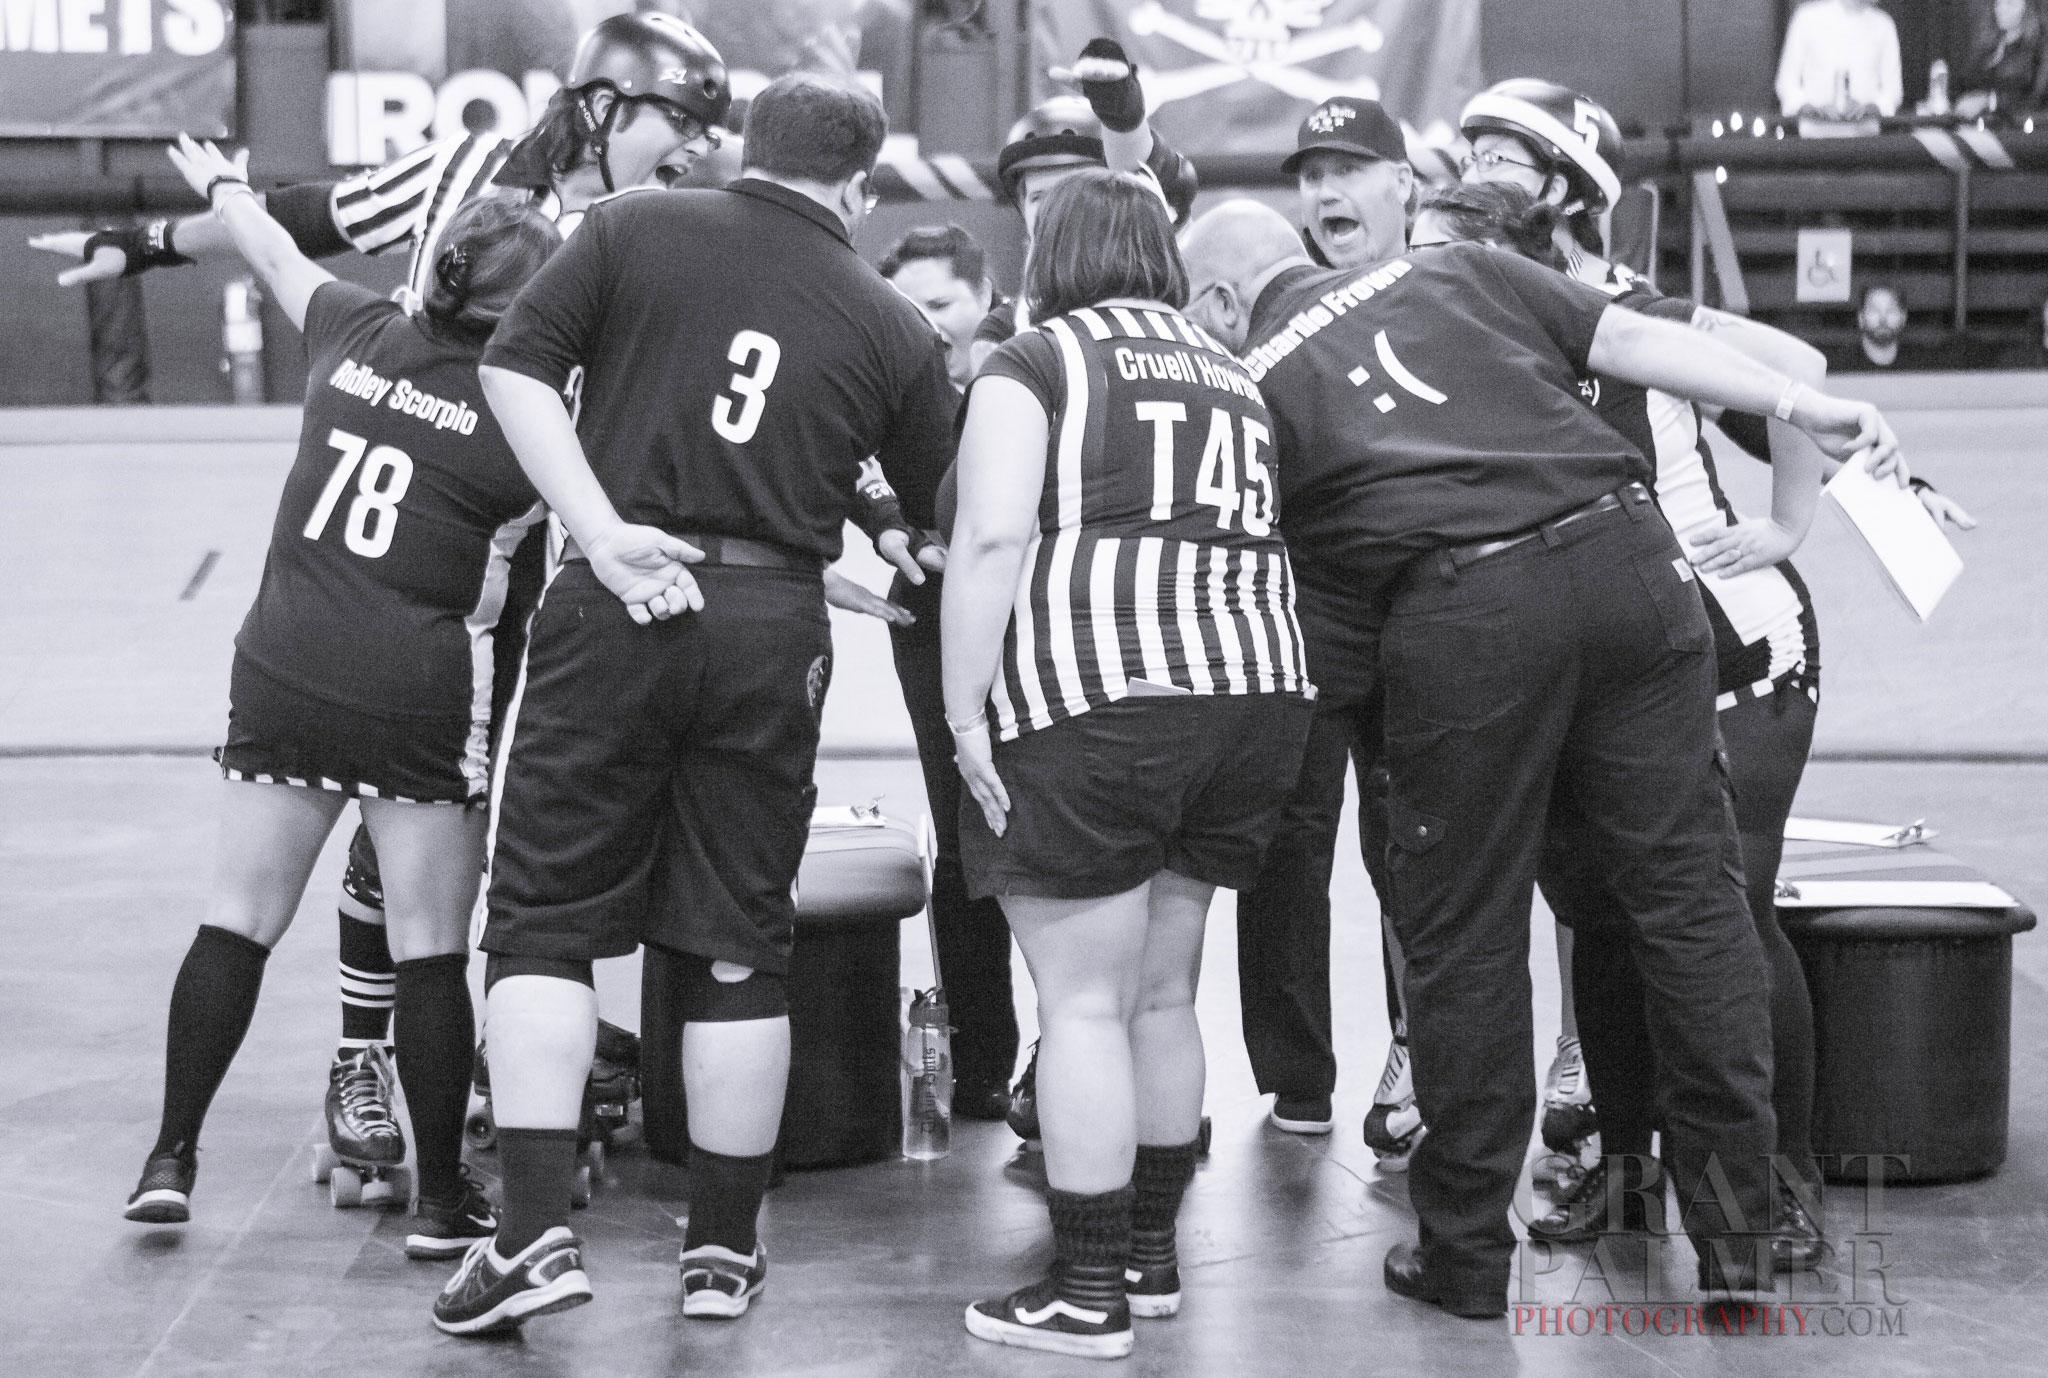 la-derby-dolls-enforcers-referees.jpg